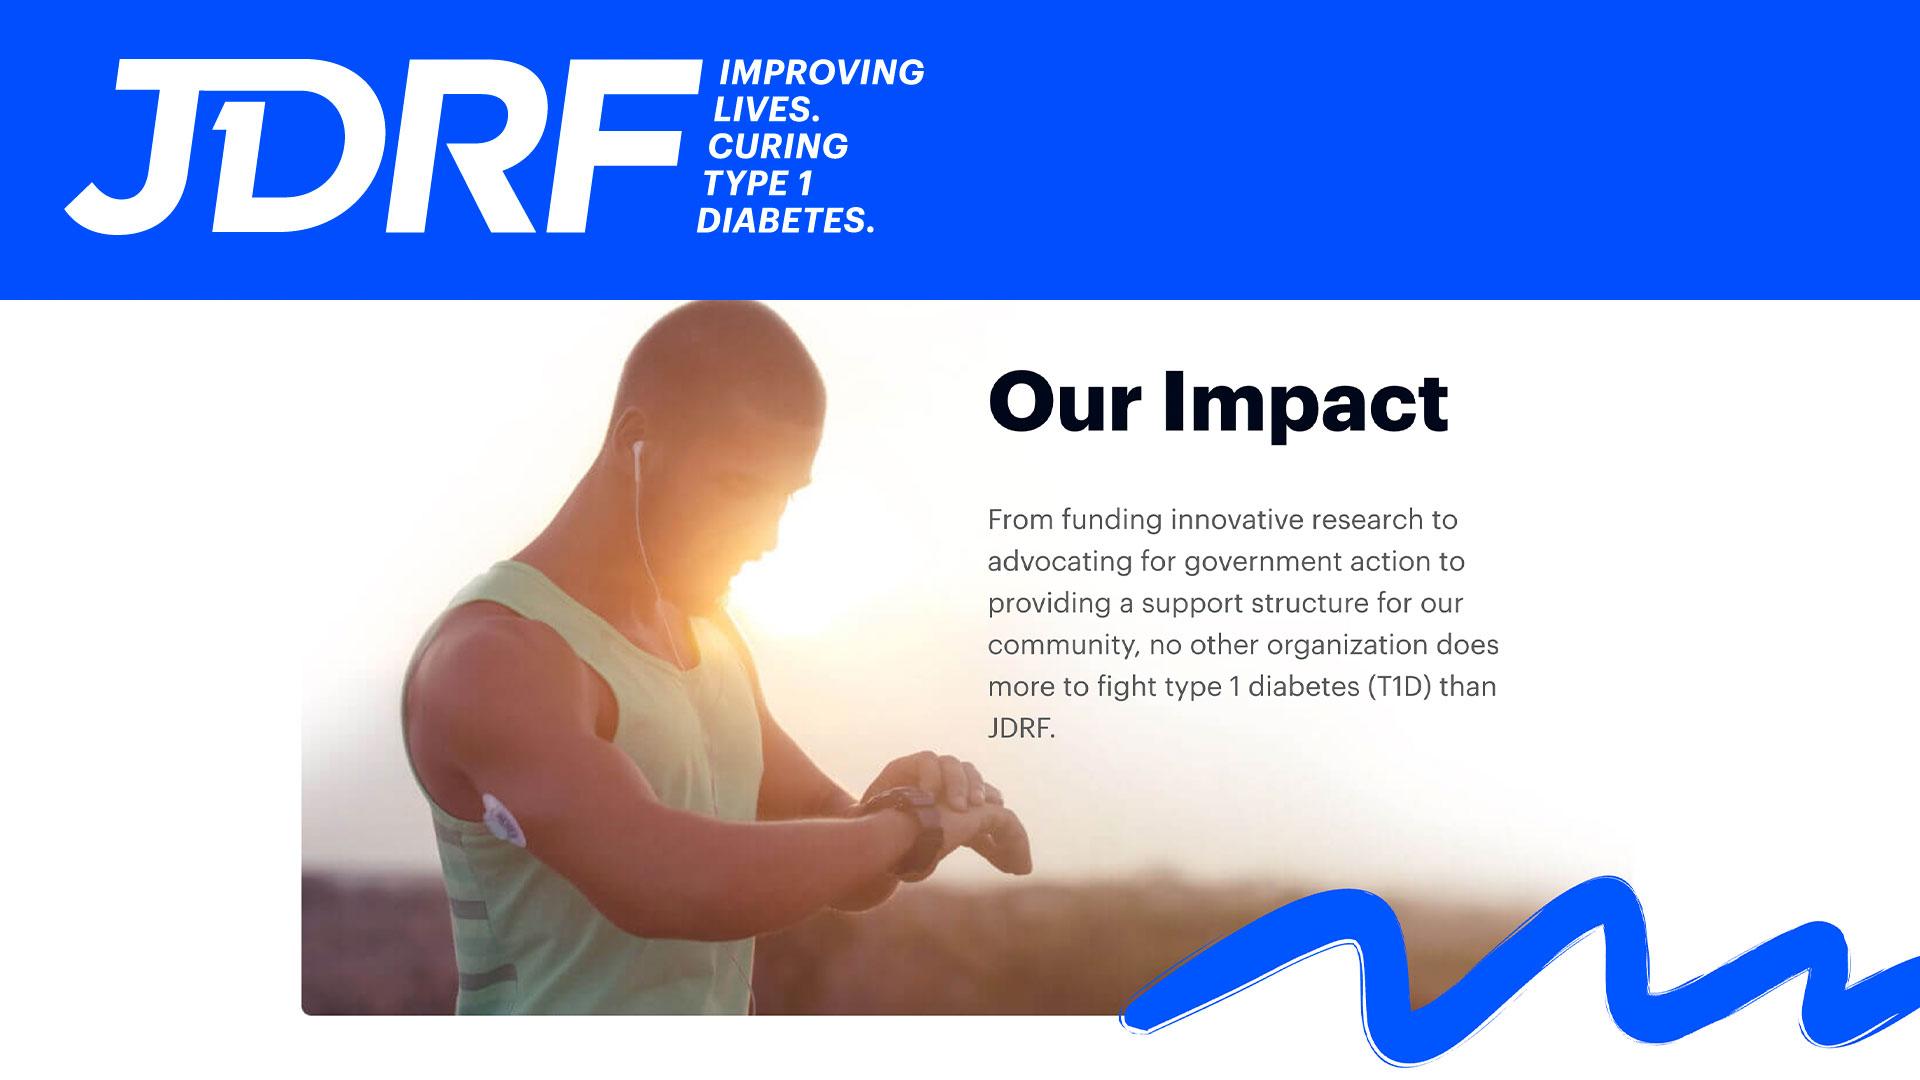 _juvenile-diabetes-research-foundation